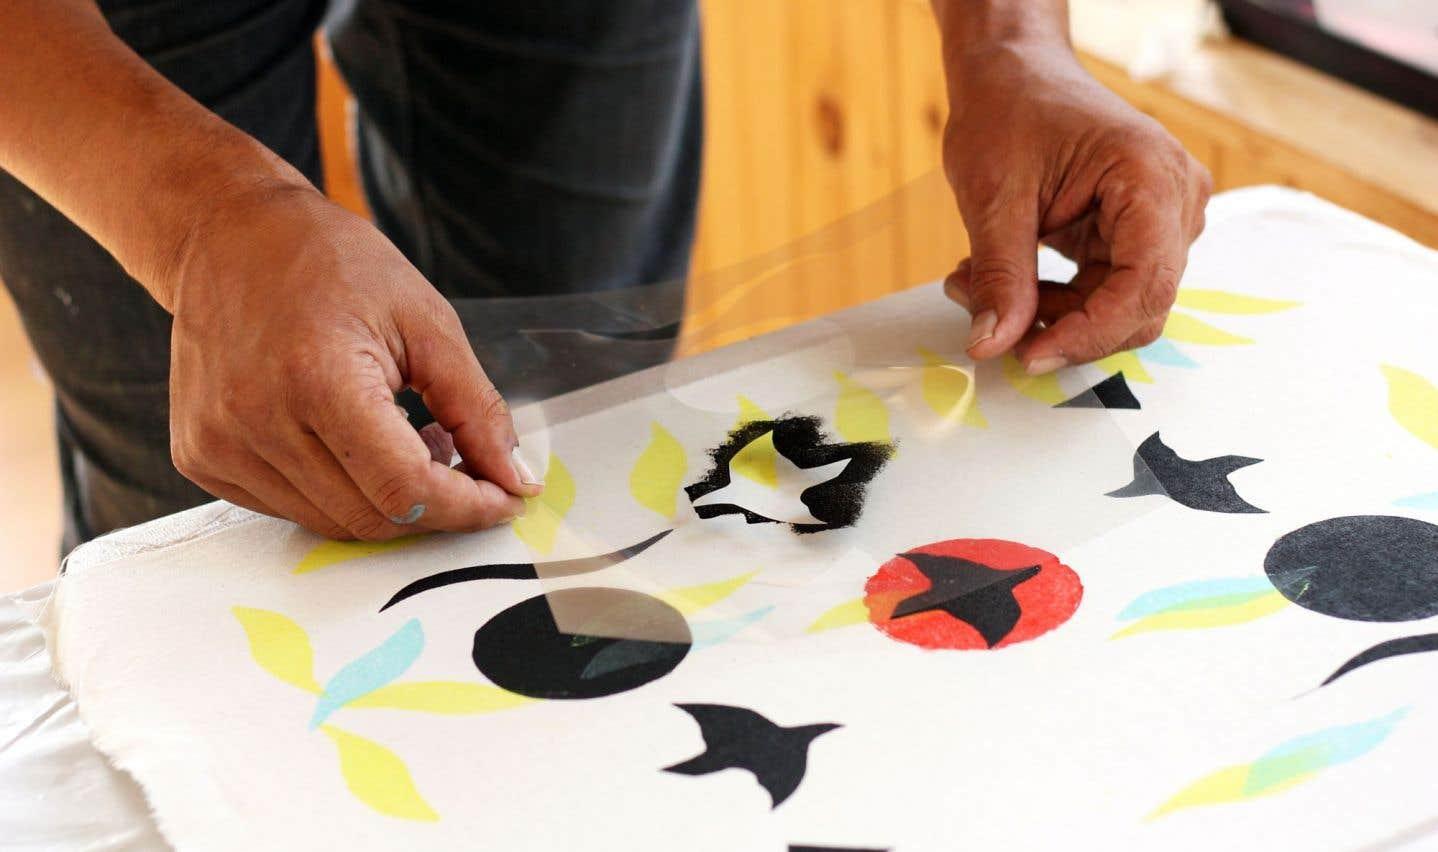 Tapiskwan a développé des ateliers de création en se basant sur de nouvelles matières premières, dont le textile, visant à faire des produits abordables, mais authentiques.